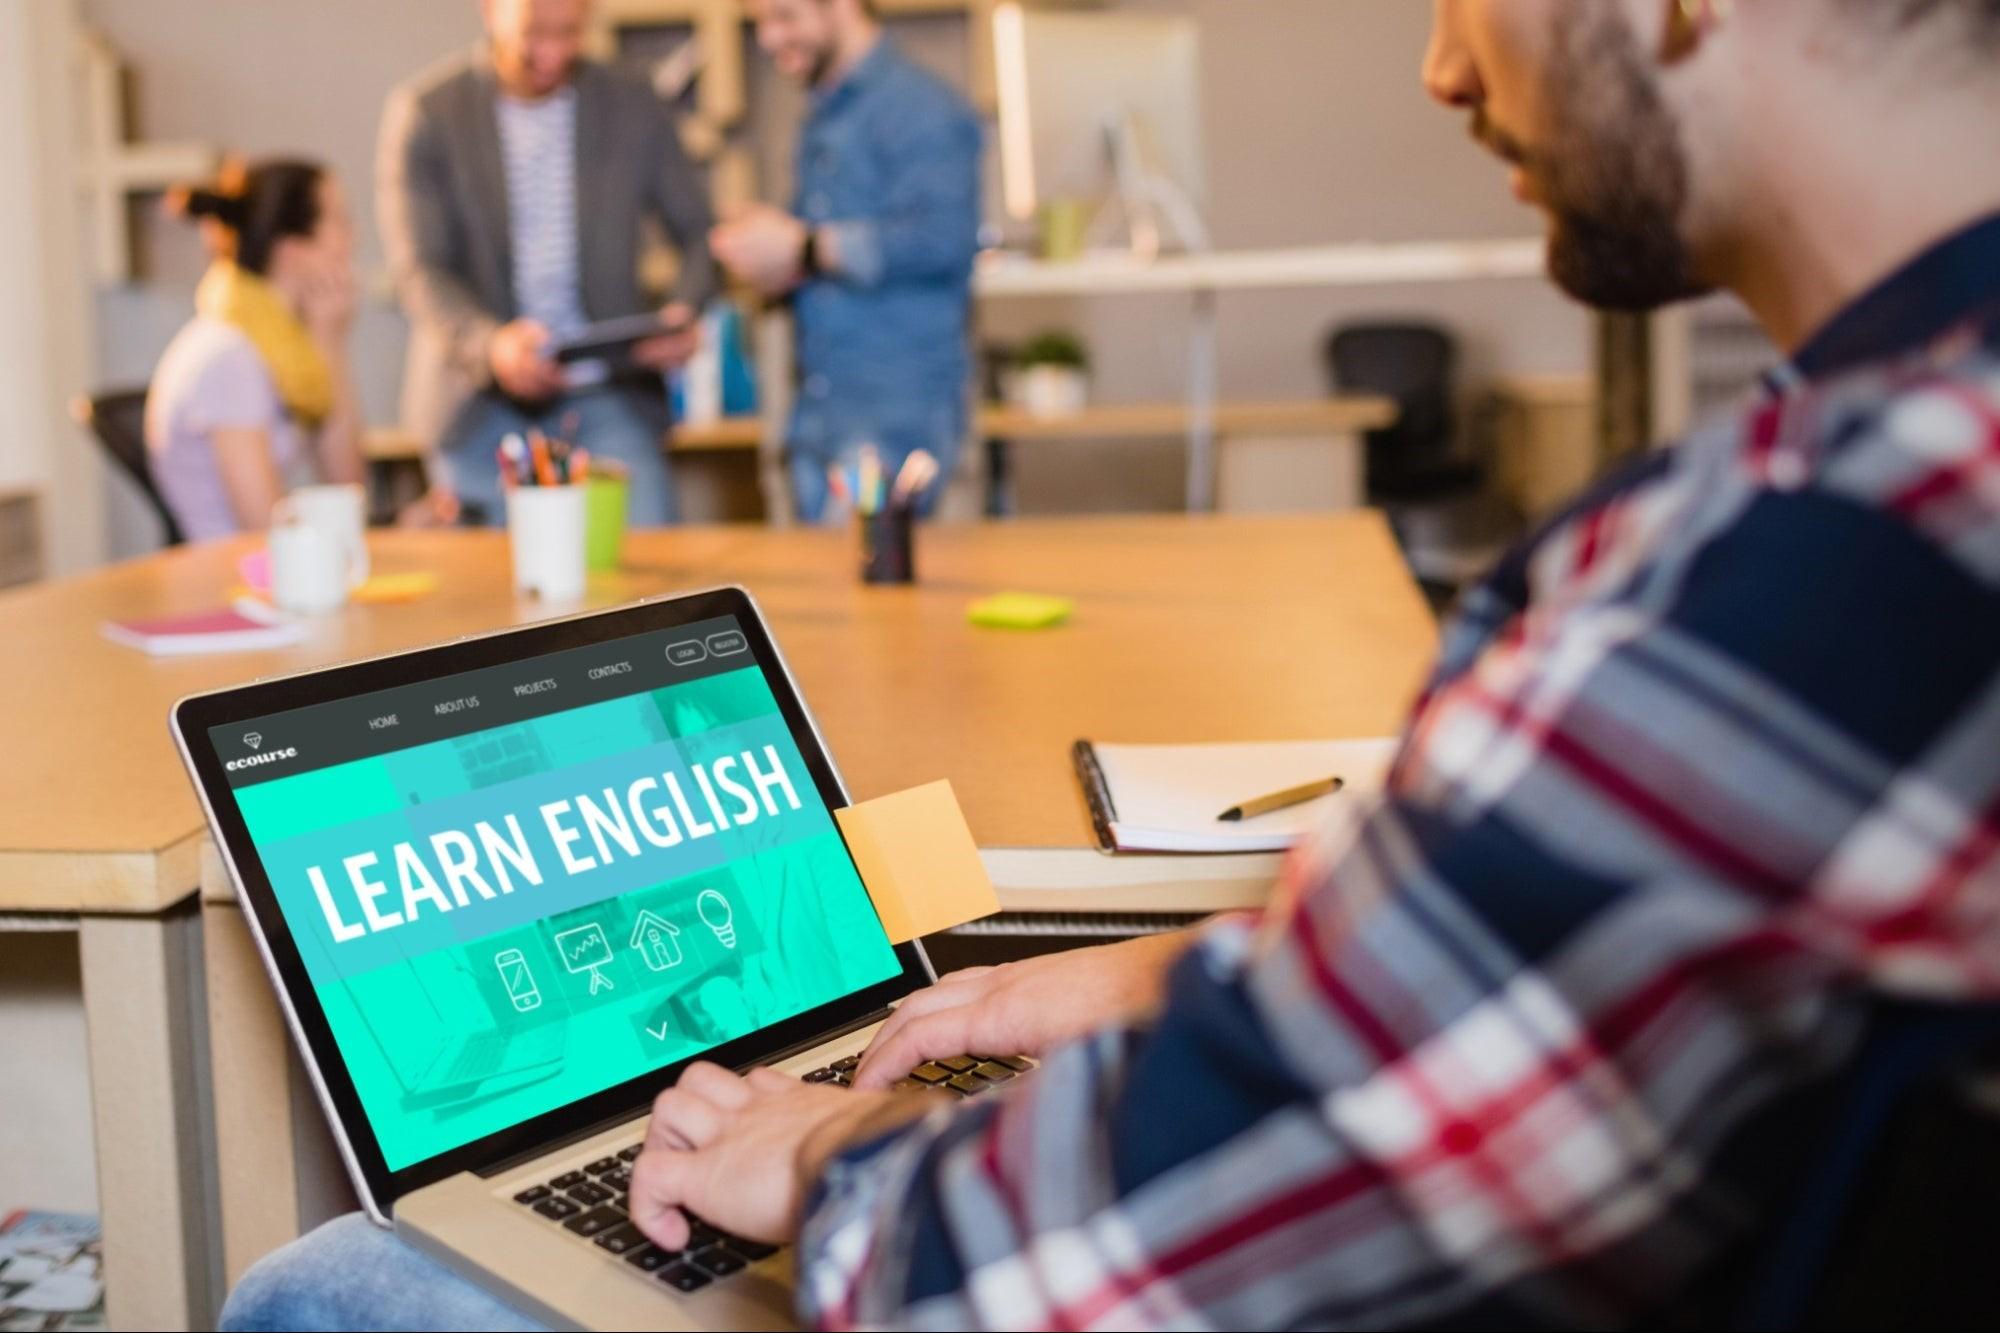 Sıfırdan İngilizce Nasıl Öğrenilir?